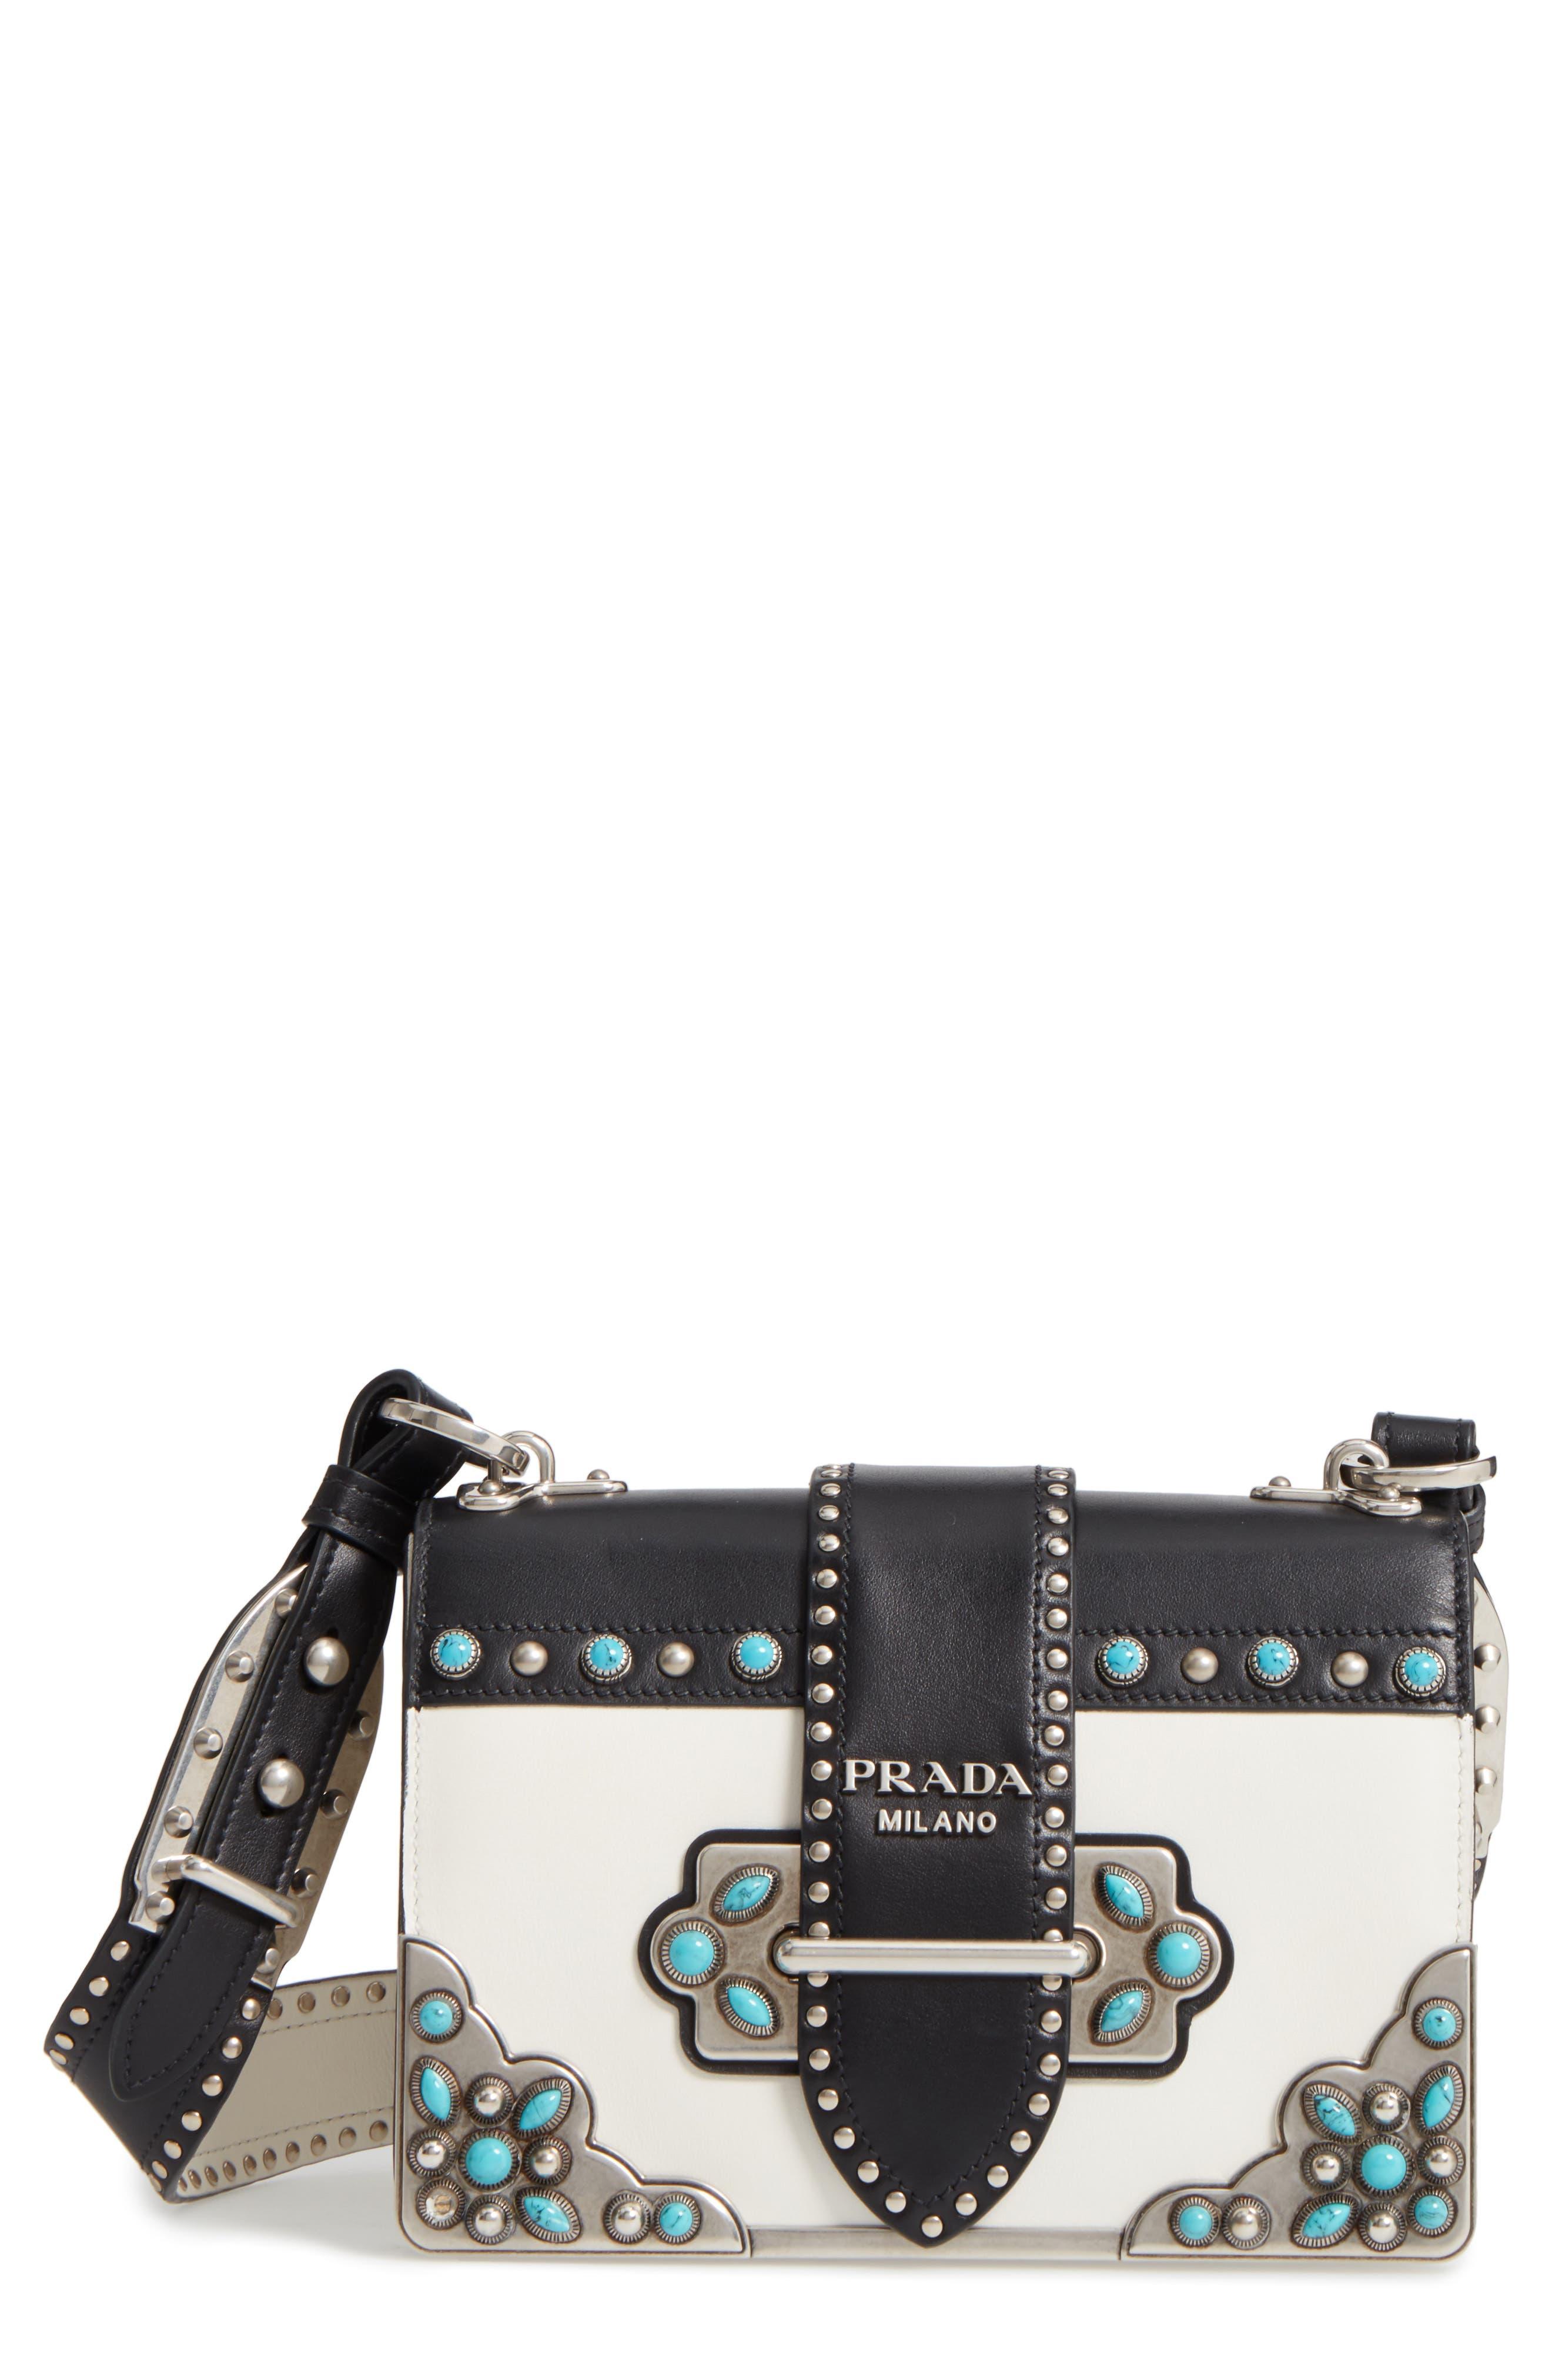 Prada Cahier City Calfskin Shoulder Bag